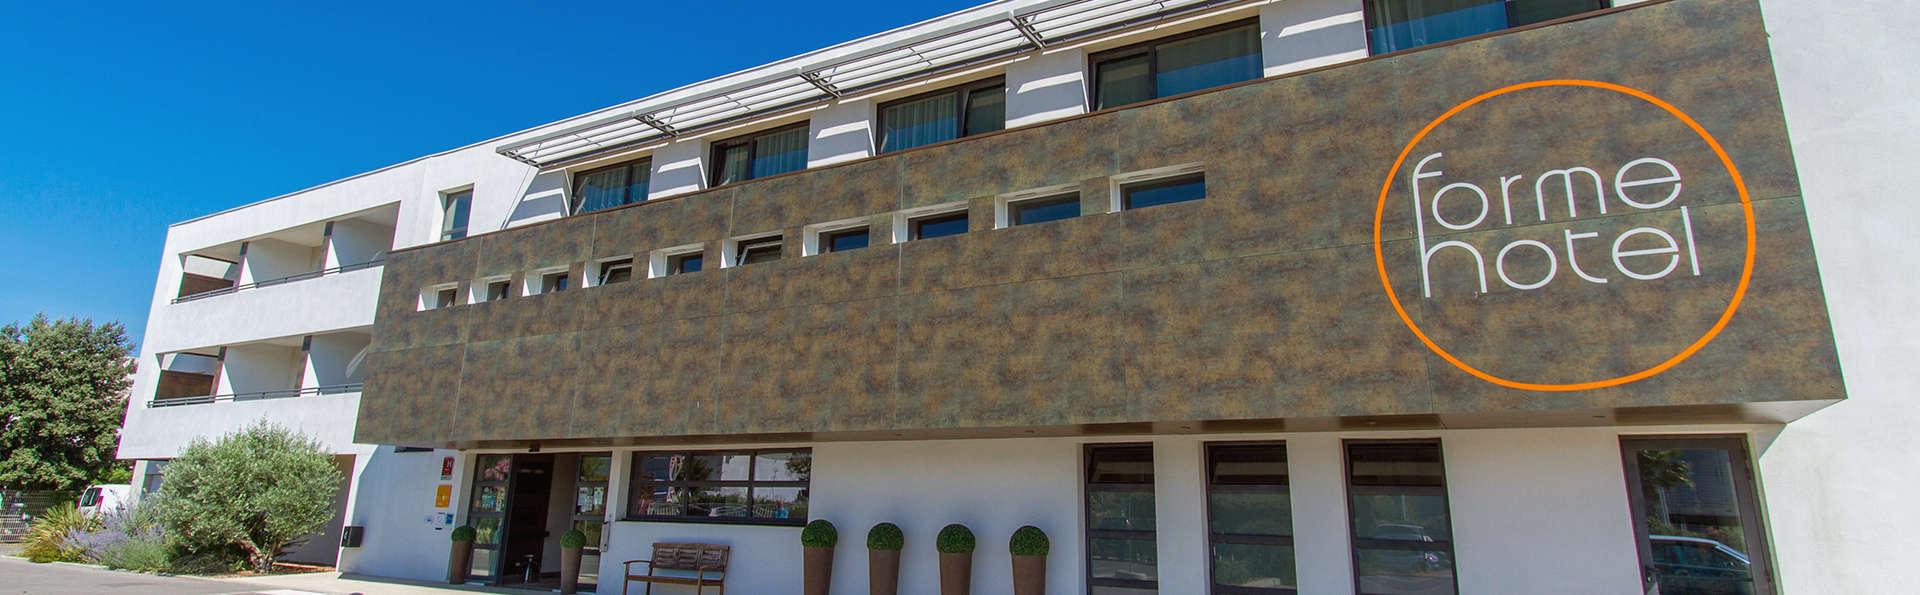 Forme-hotel Montpellier - EDIT_Fachada_1.jpg